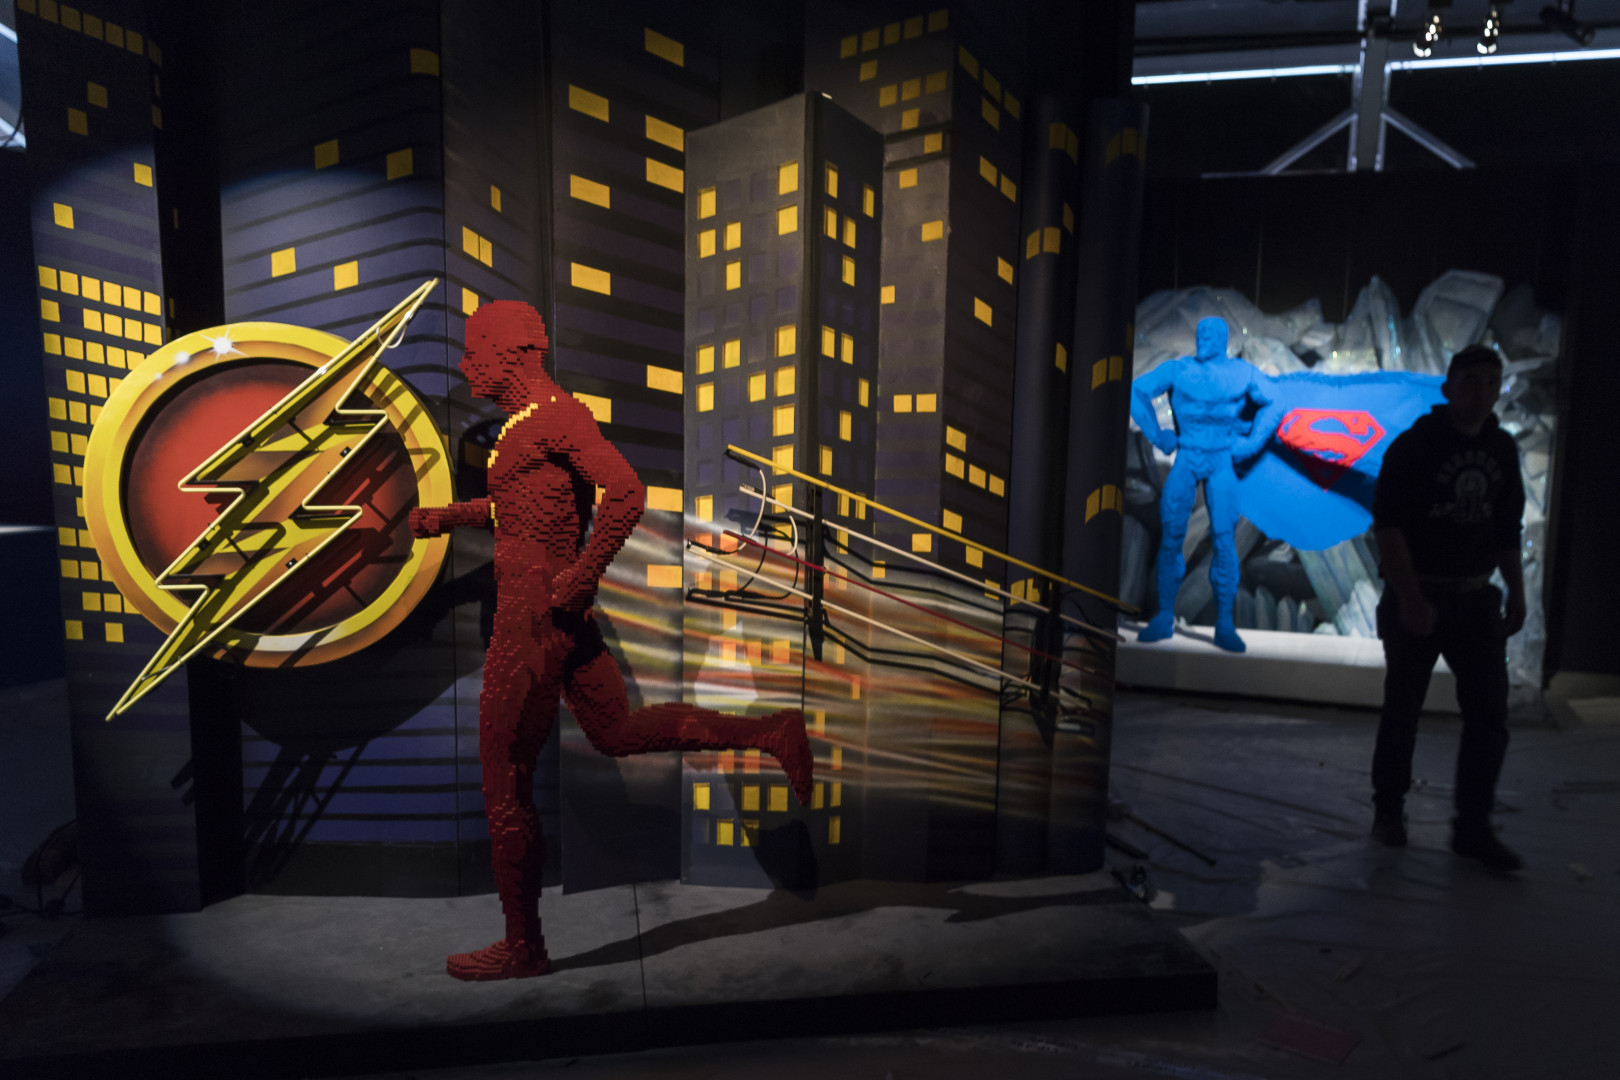 Flash et Superman, mis en scène dans leur univers